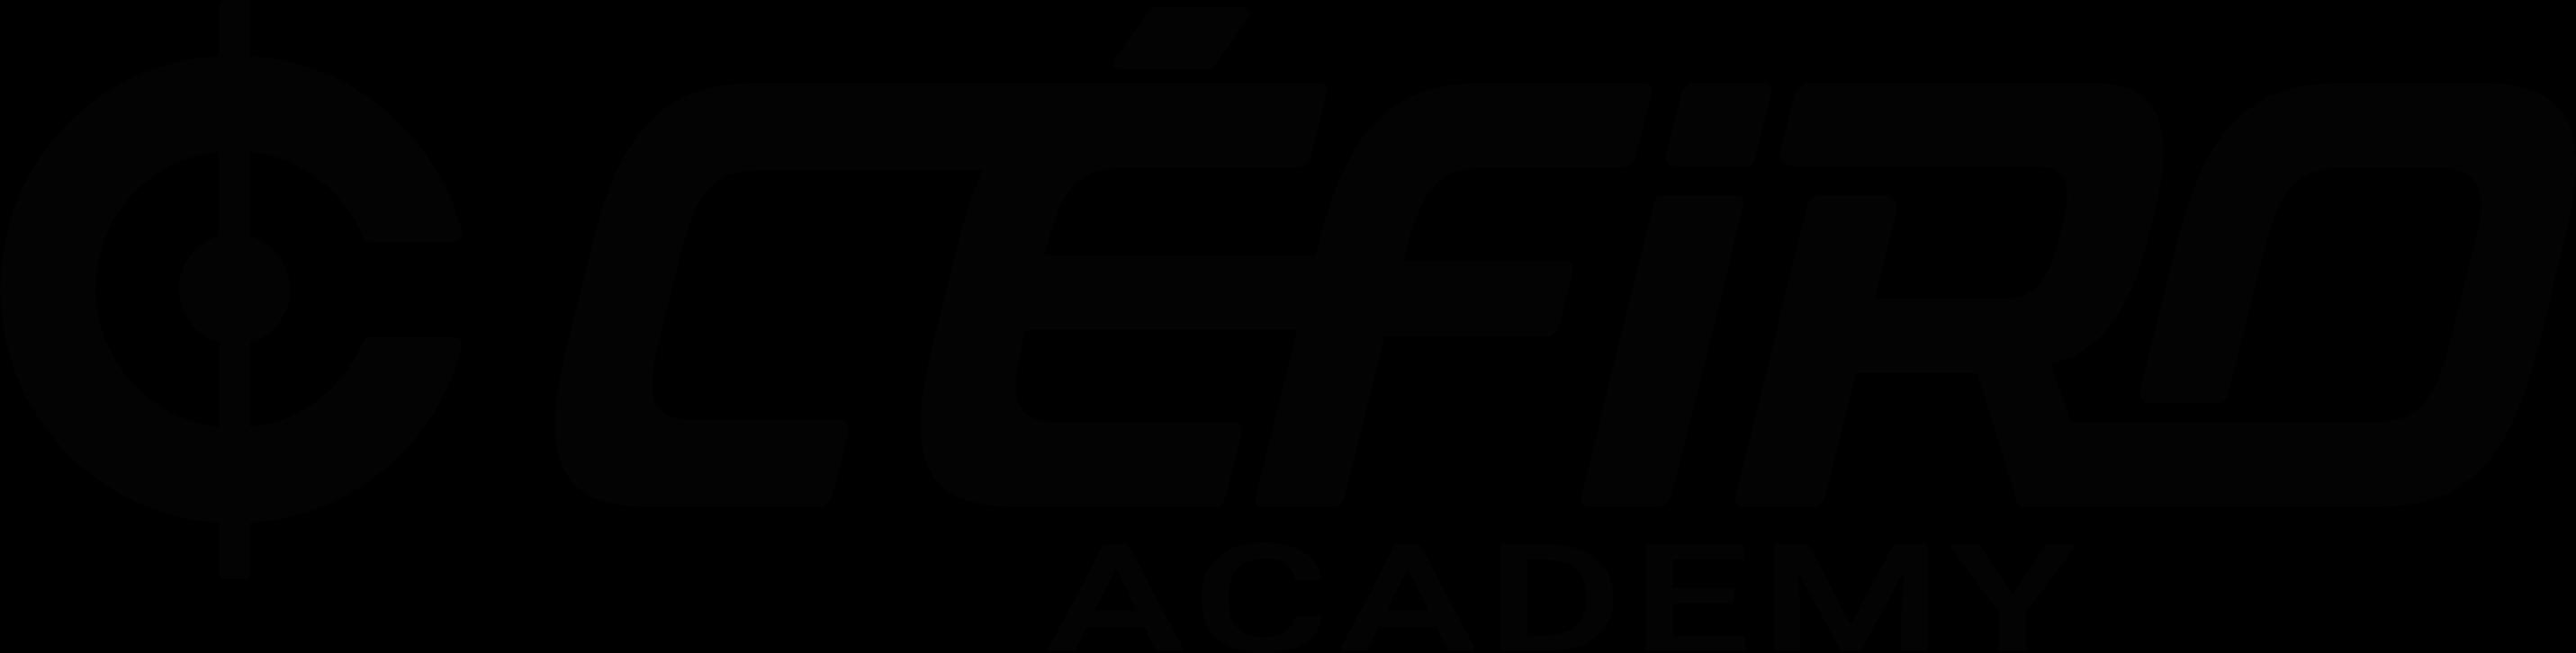 Céfiro Academy